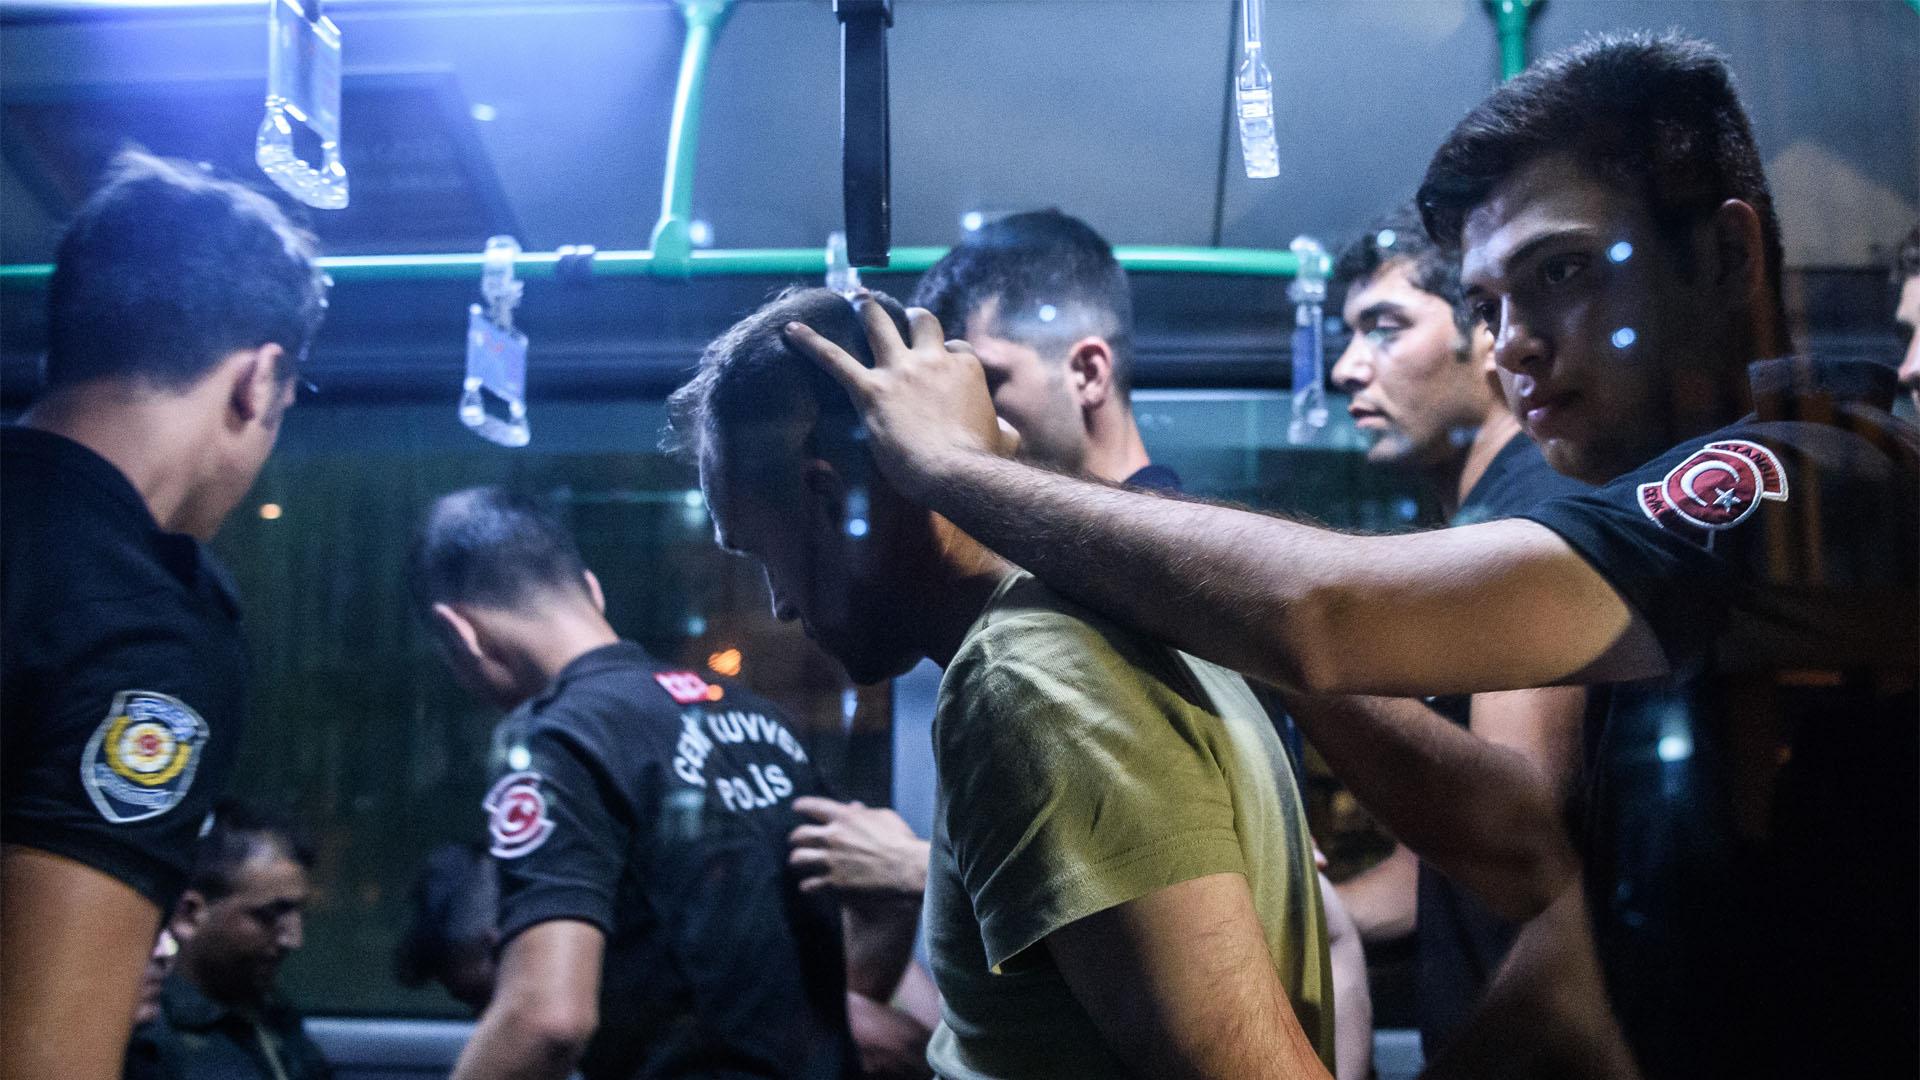 El ministro de exteriores de Turquía aseguró que el país preservará los derechos humanos de los acusados